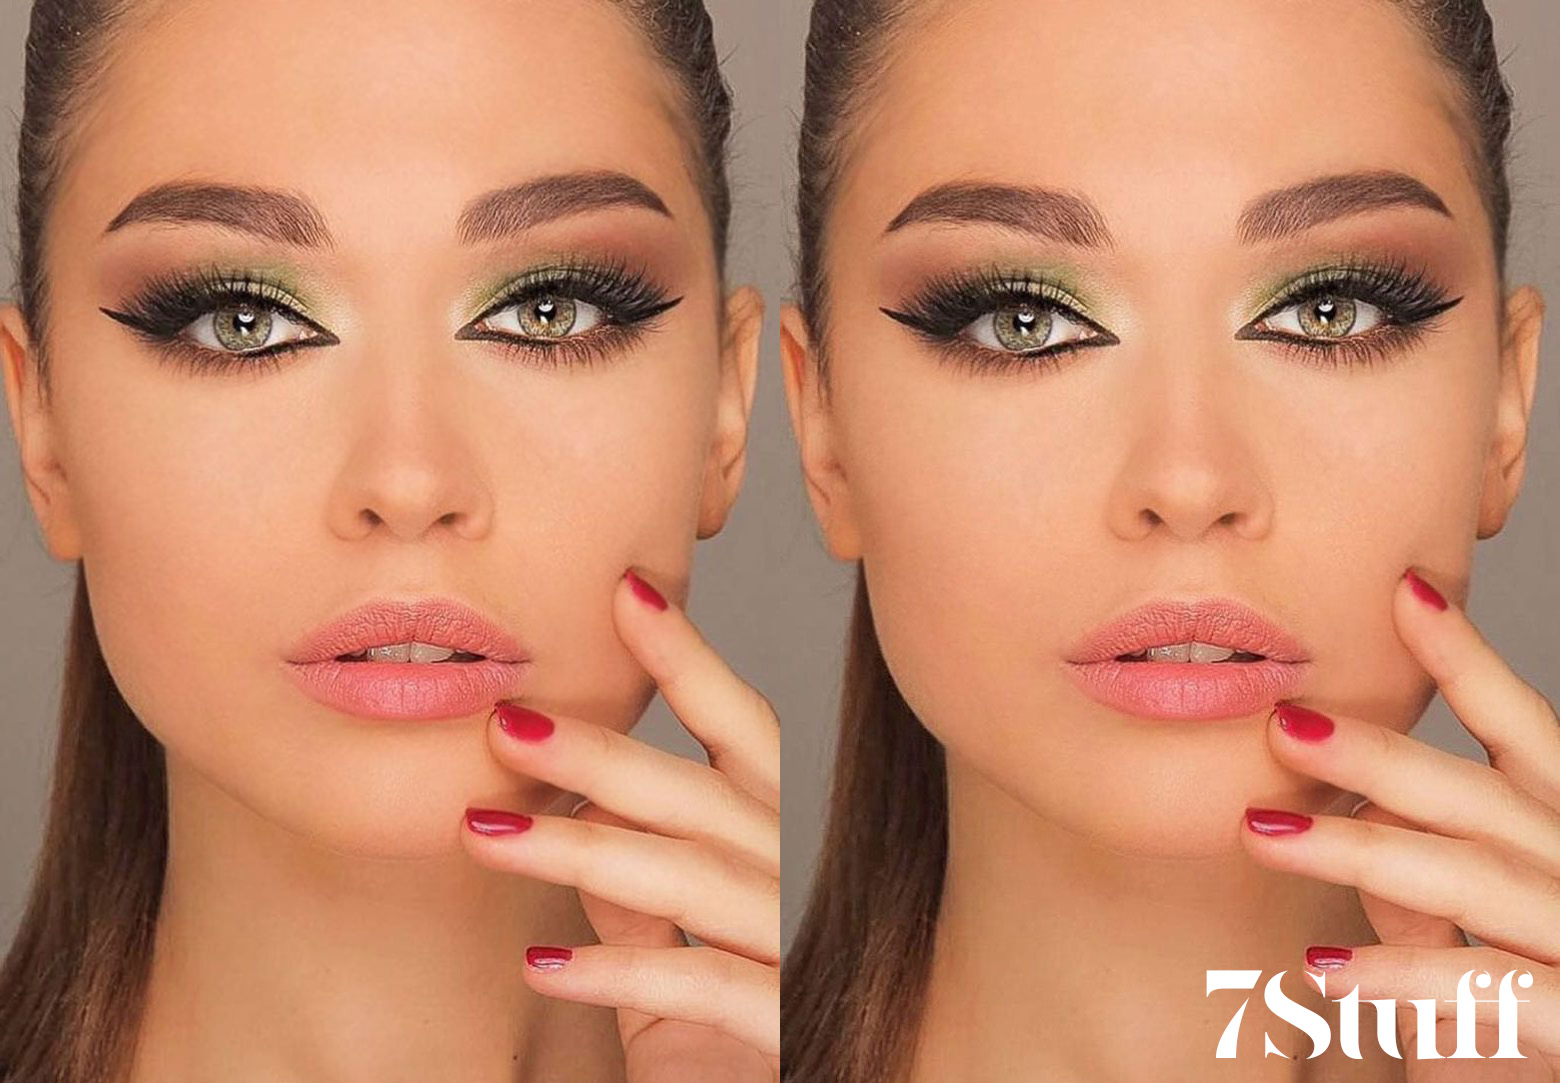 green eyeshadow looks